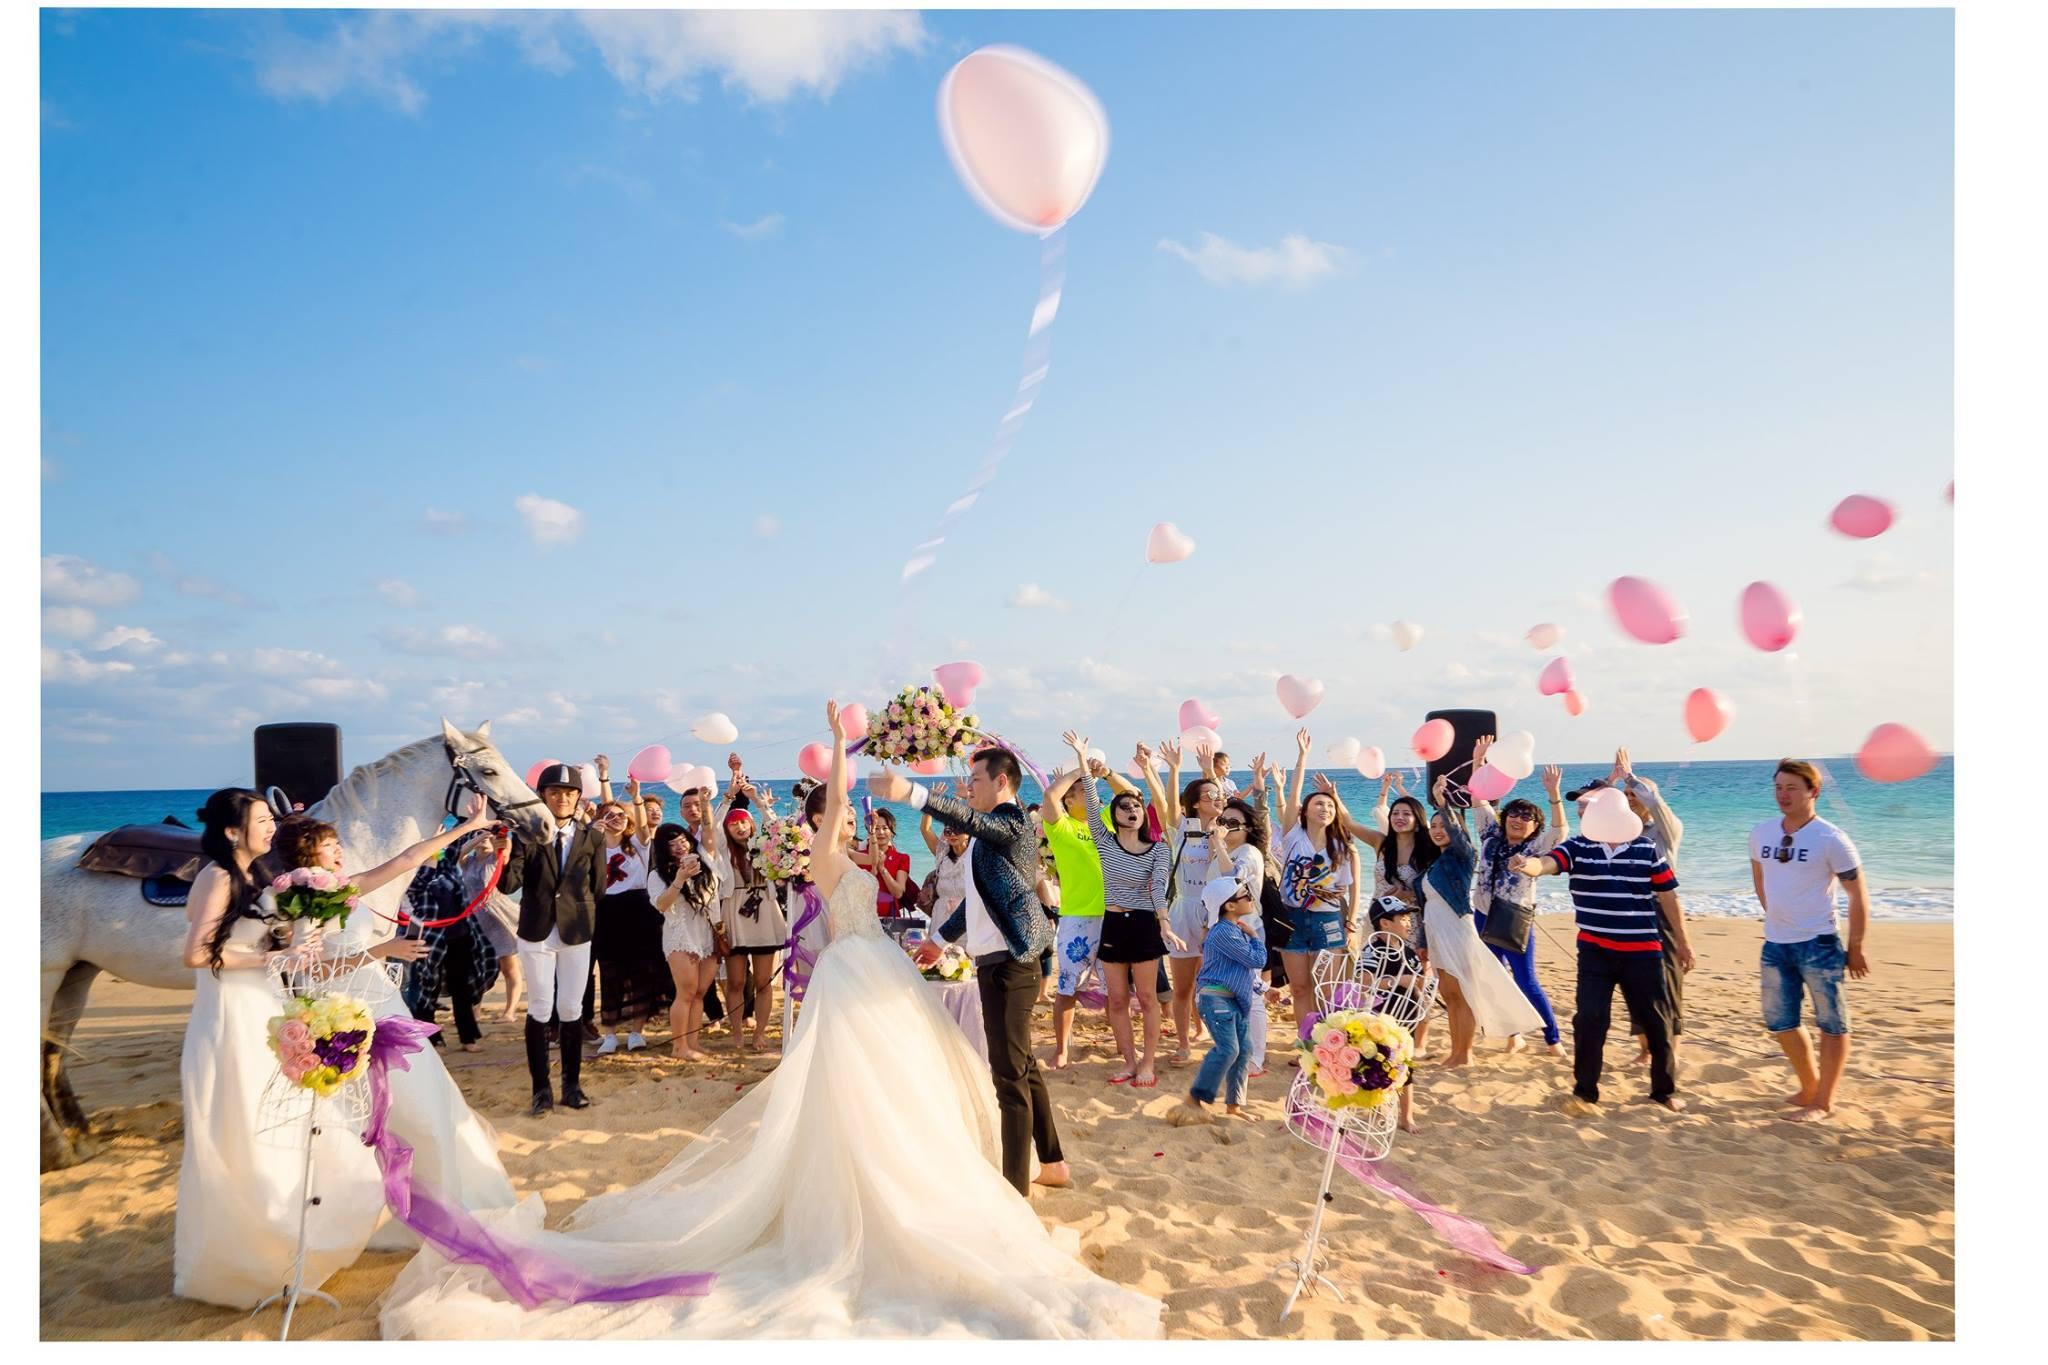 海外婚禮,墾丁,夏都,婚禮紀錄,海灘婚禮